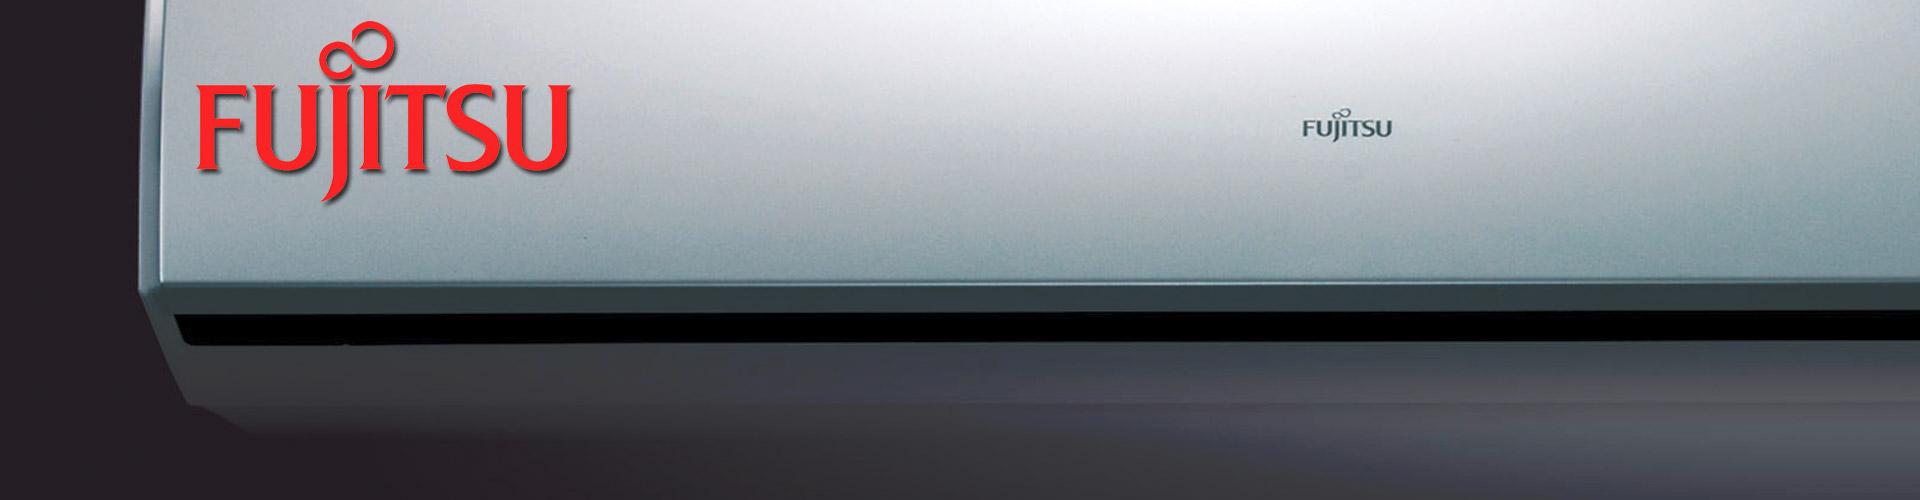 Fujitsu-wall